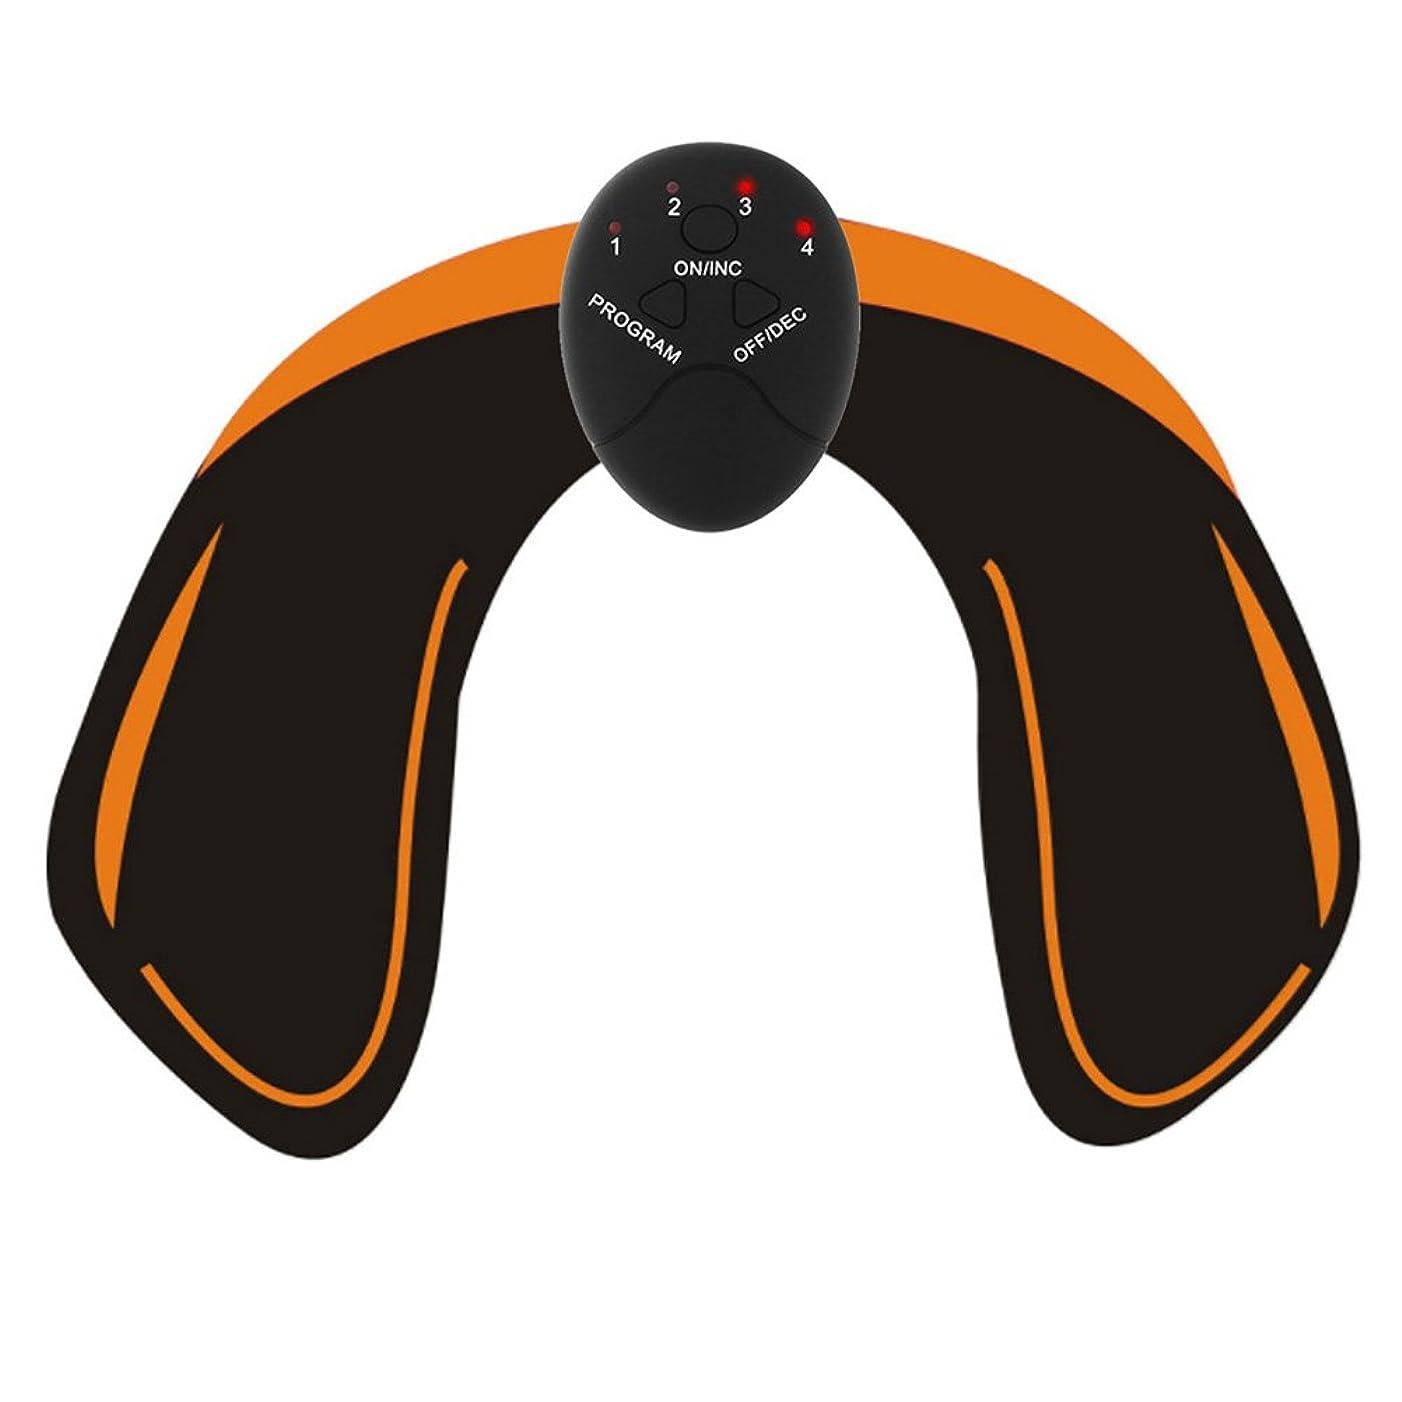 才能のある気性ストライクHealifty EMS トレーニングパッド ヒップアップ お尻専用 多機能 筋トレ器具 ダイエット 筋肉振動 引き締める 強さ階段調節 男女兼用